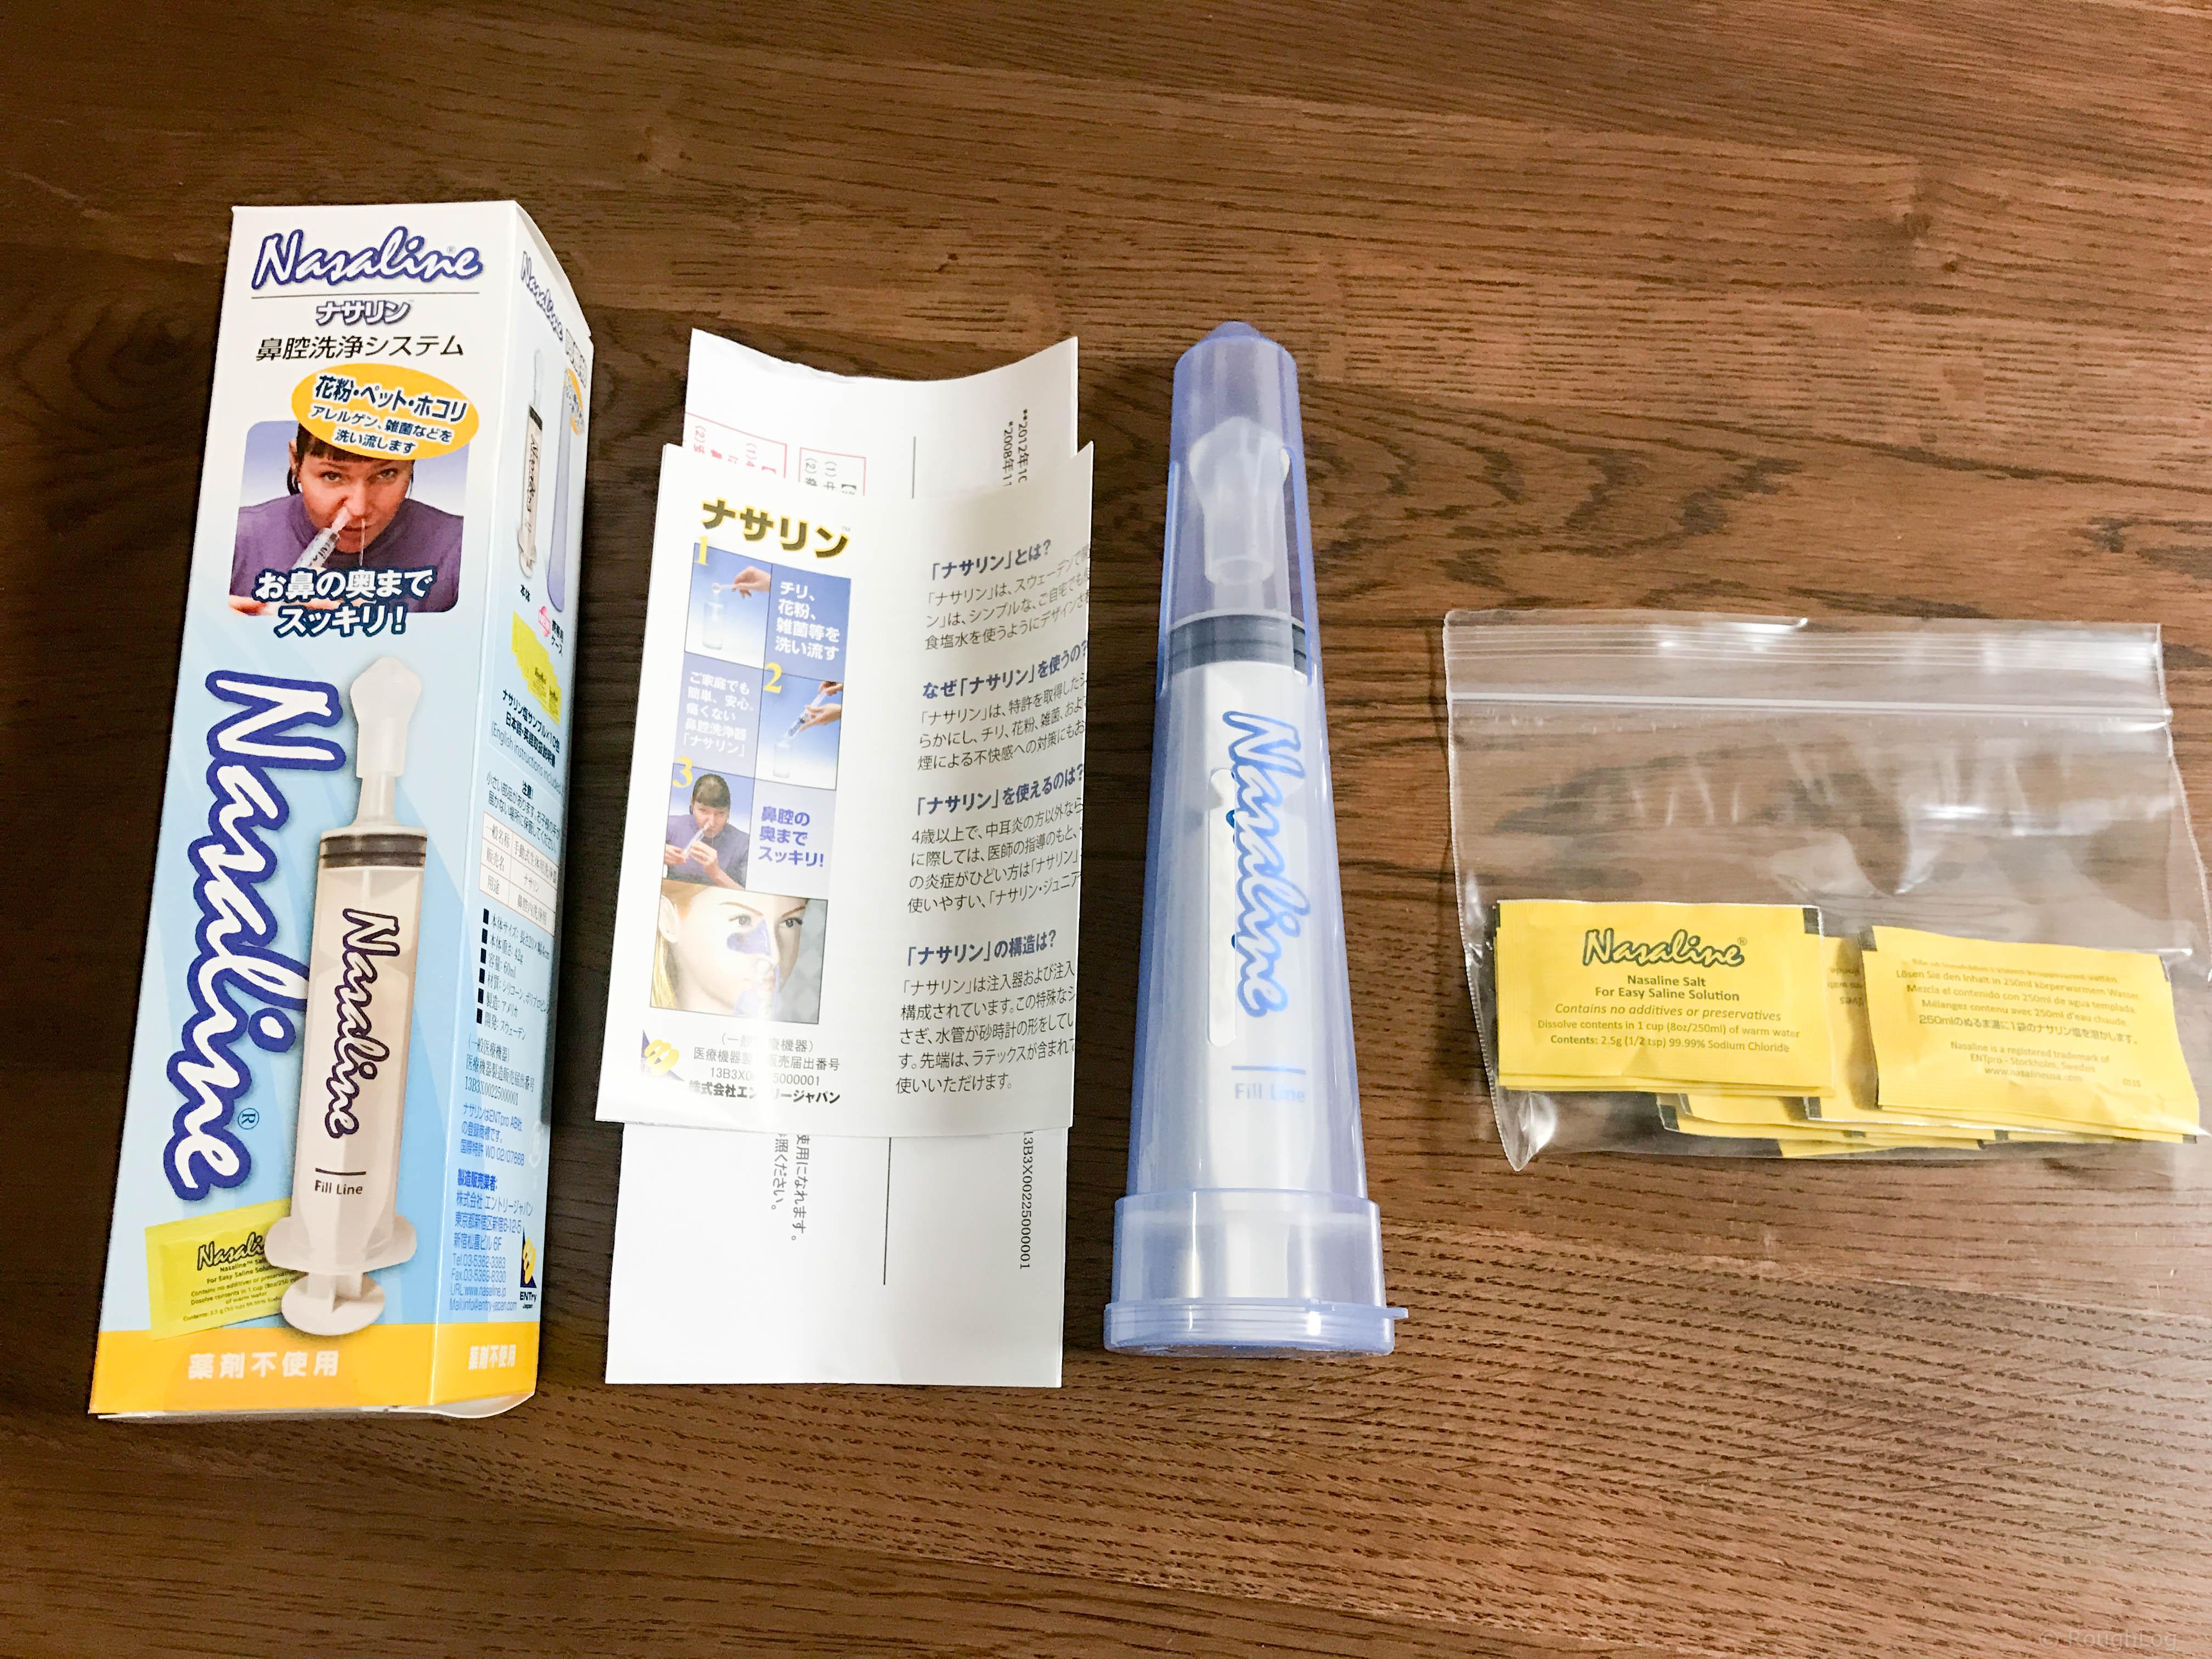 ナサリン鼻洗浄器の同梱物